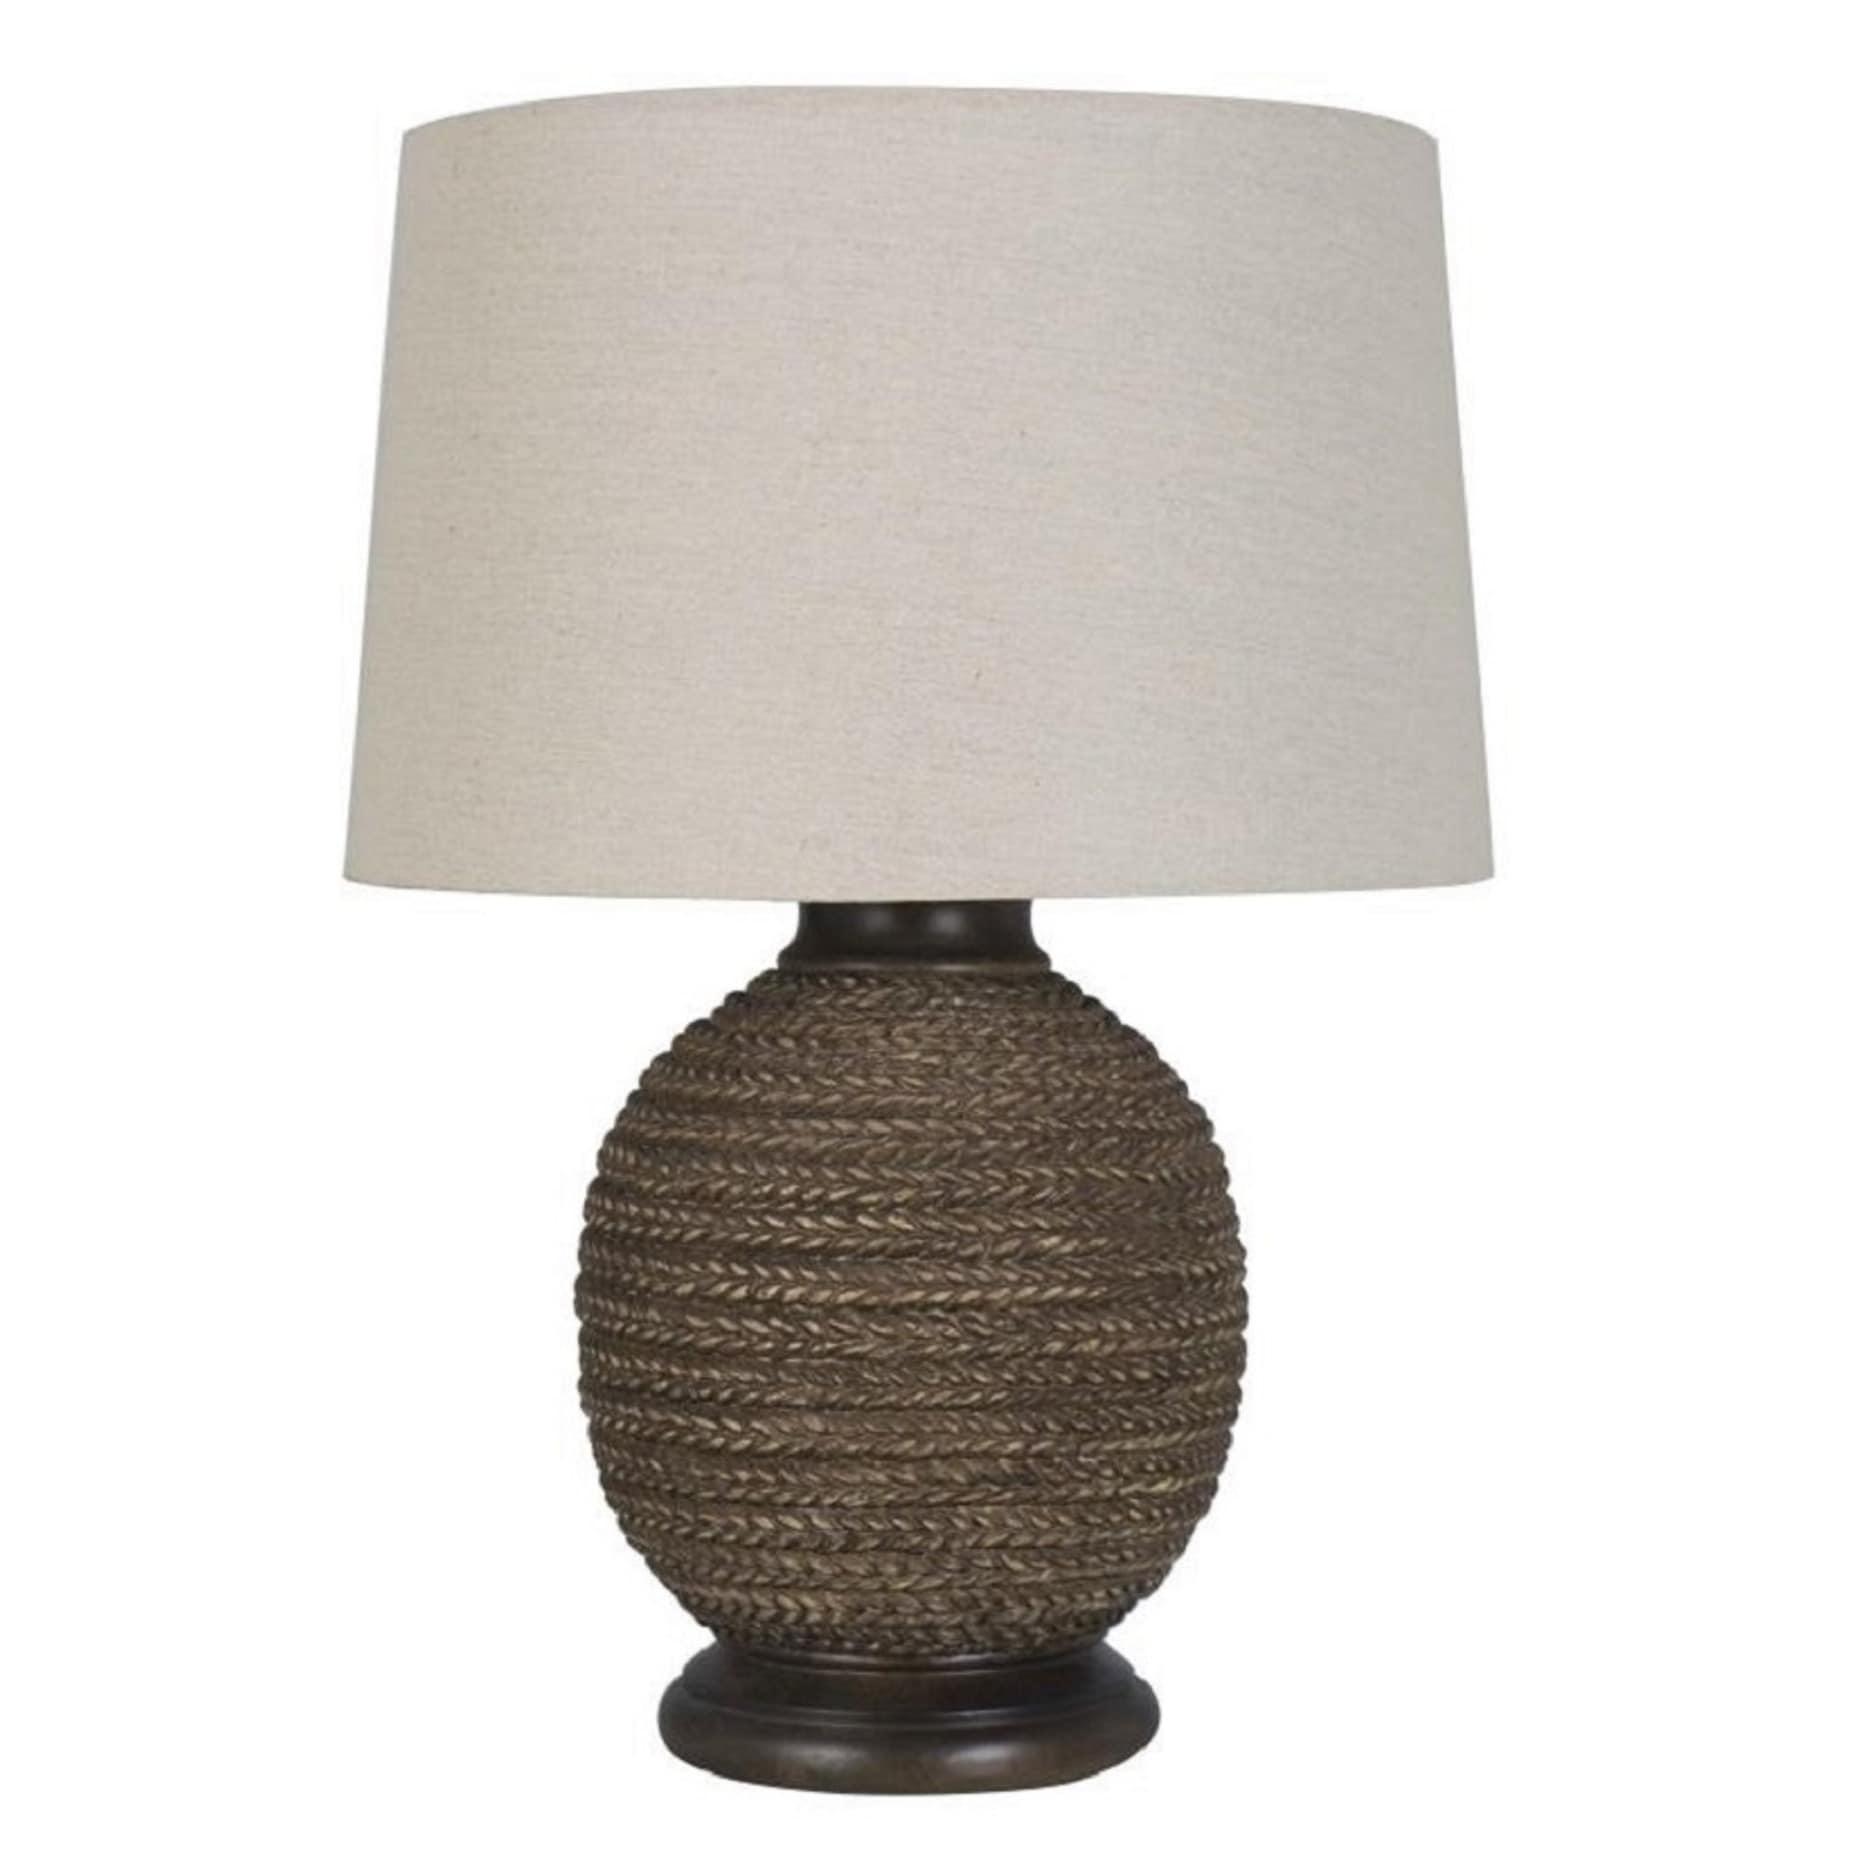 Shop Lamps Per Se 25 5 Inch Indoor Outdoor Table Lamp Overstock 22903329